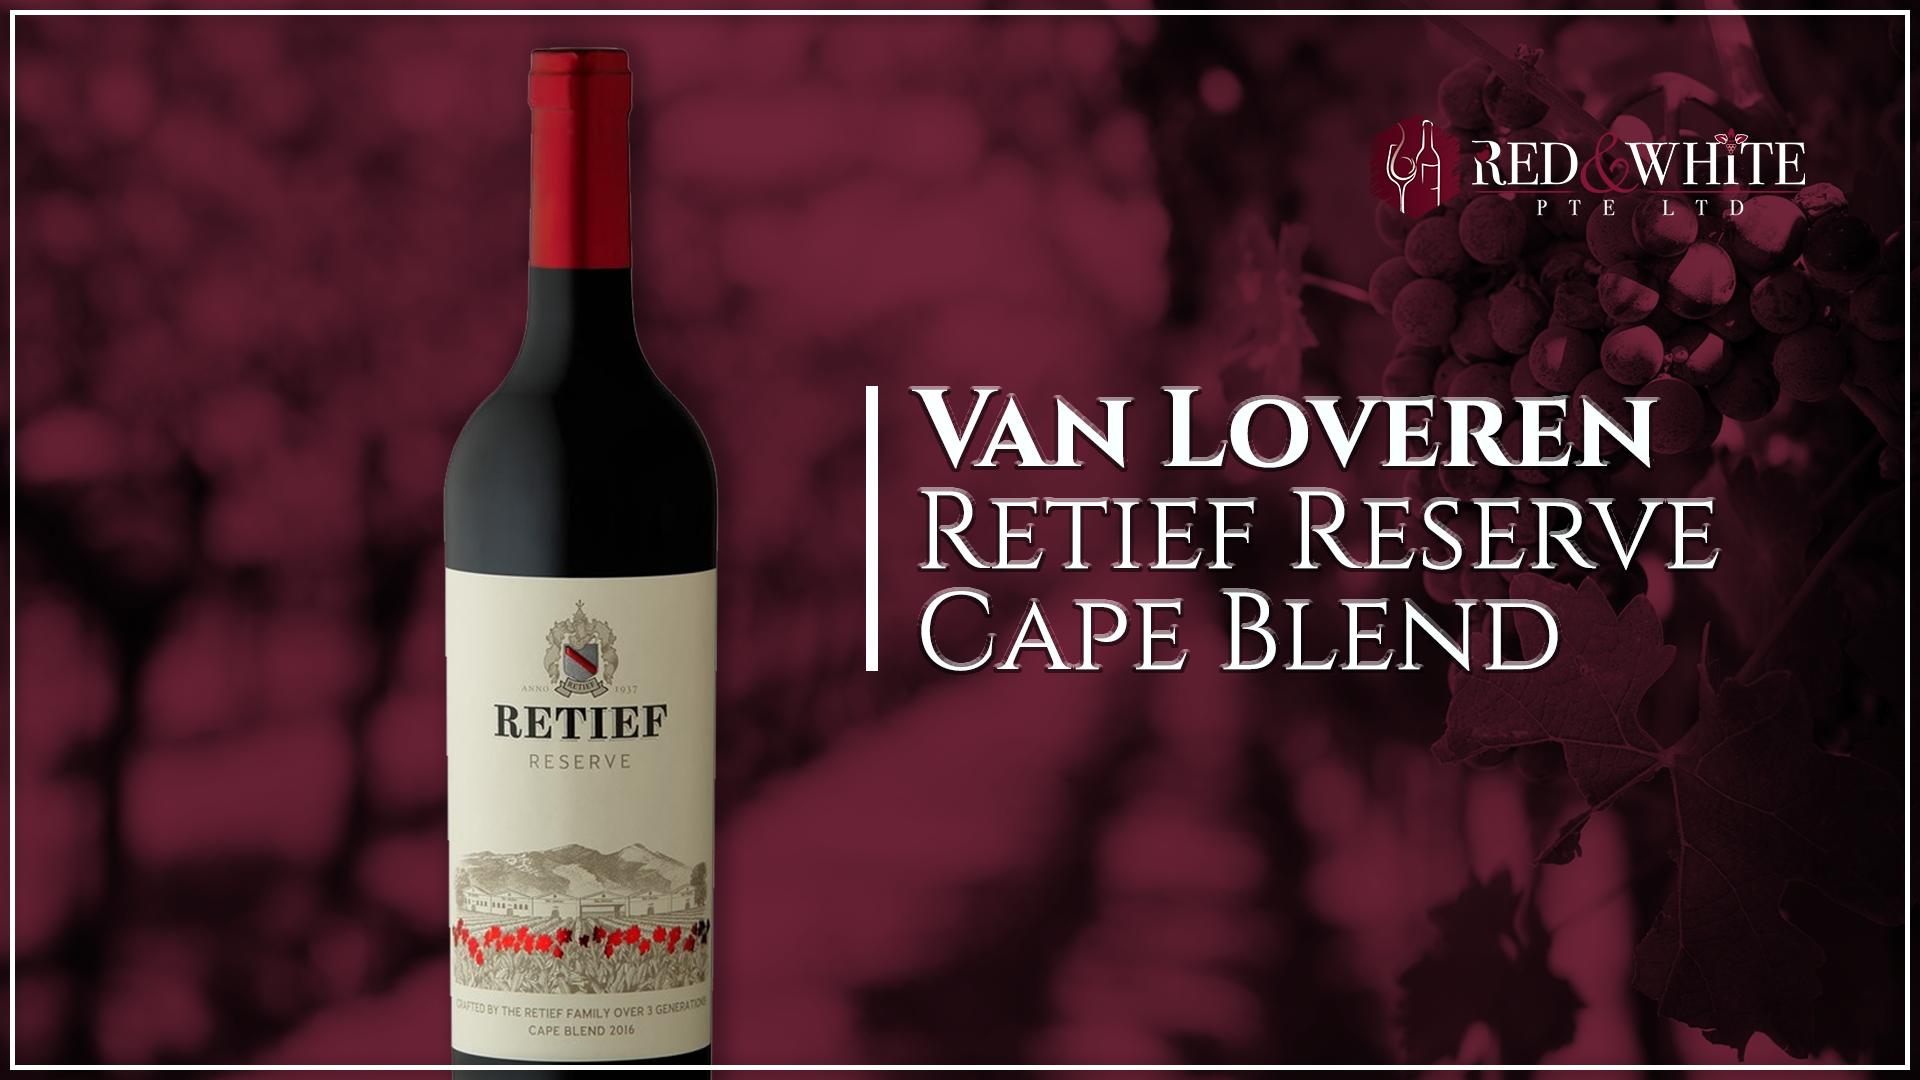 Van Loveren Retief Reserve Cape Blend